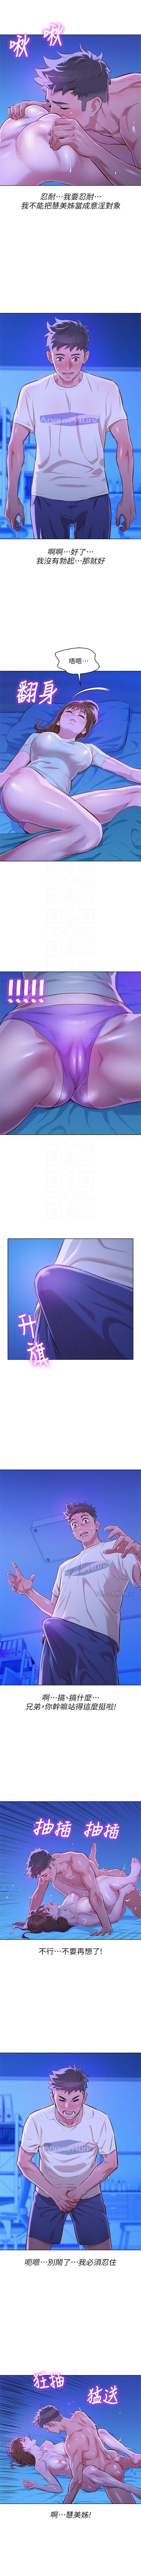 (周7)漂亮干姐姐  1-81 中文翻译 (更新中) 353